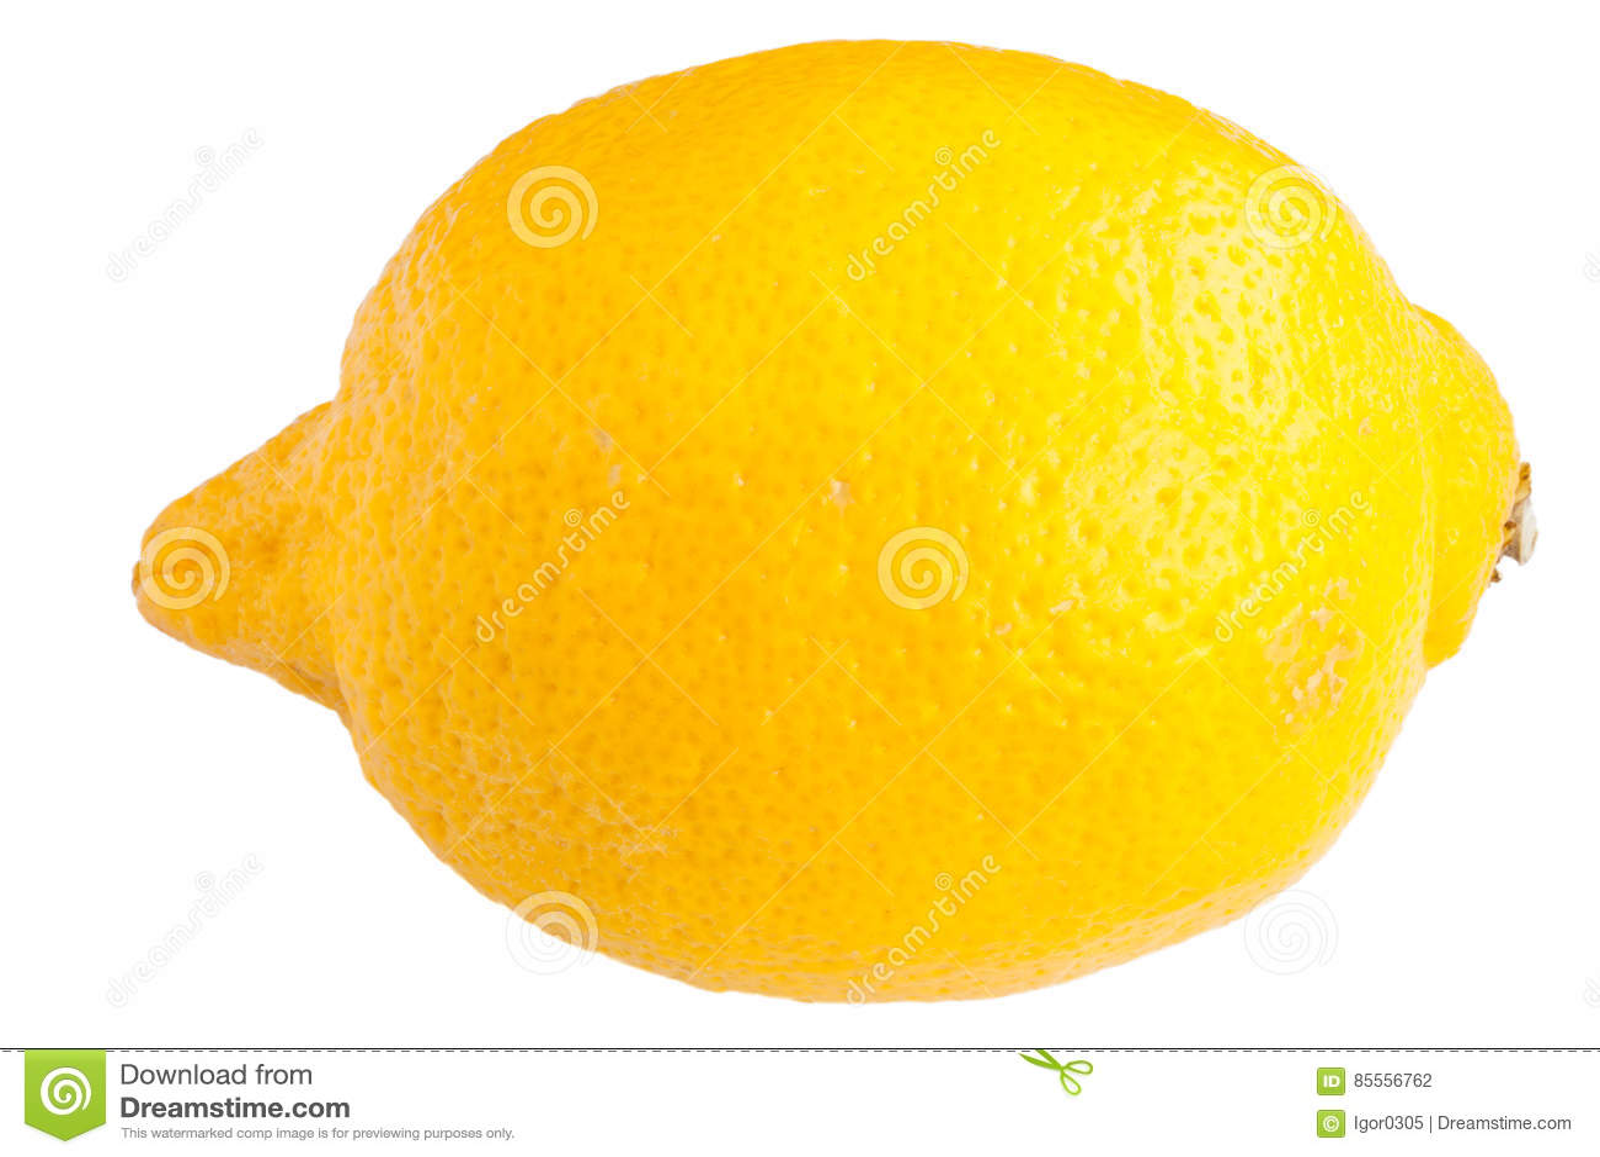 Zitrone auf dem Weiß